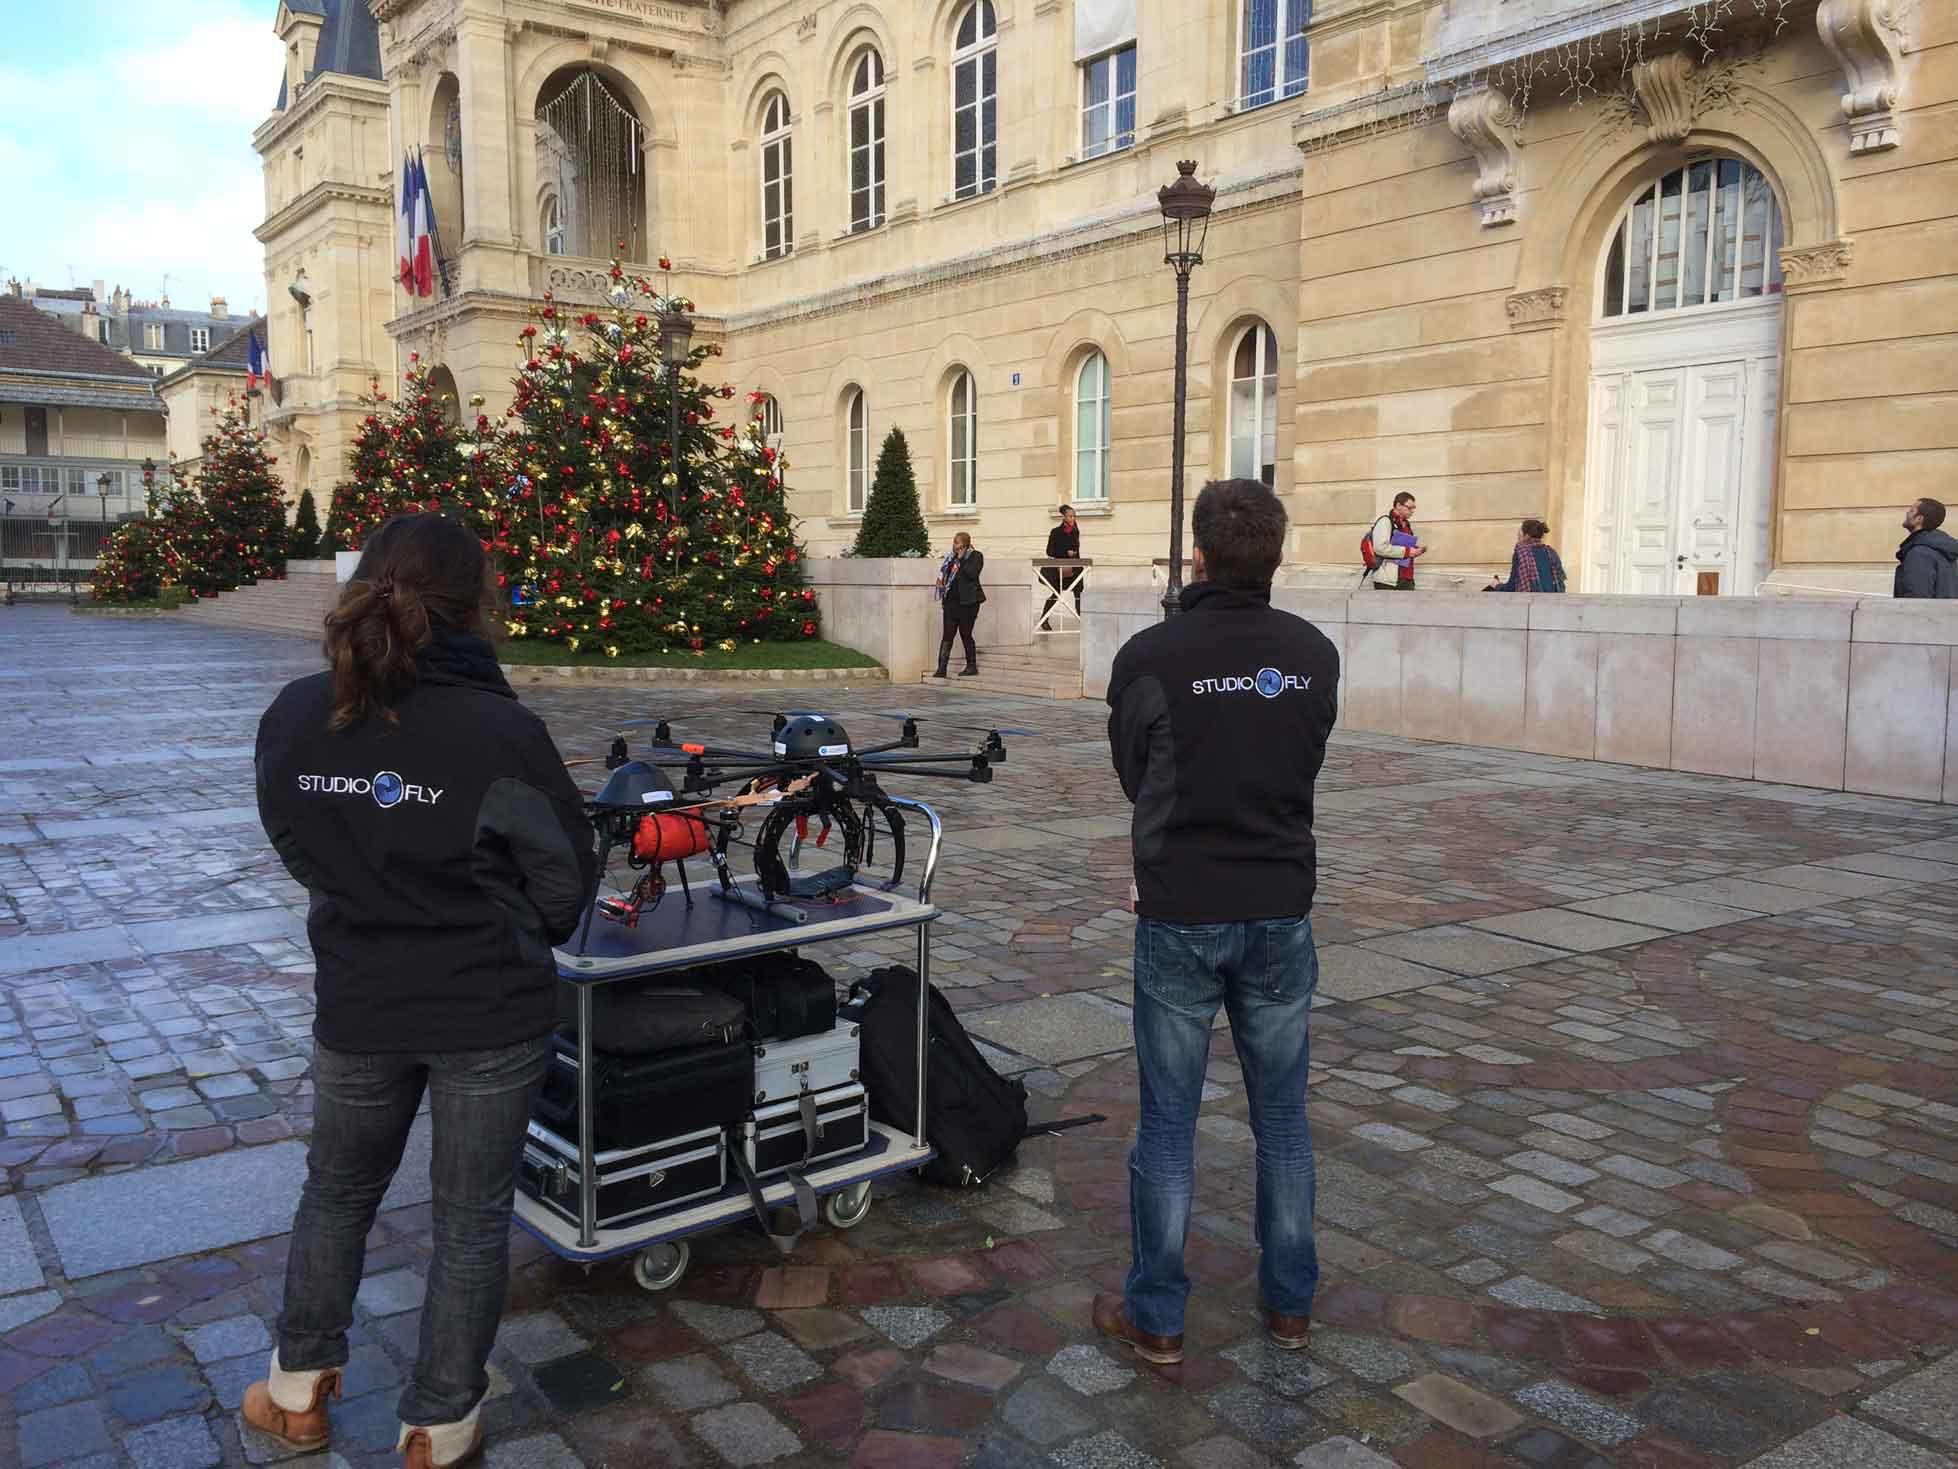 Equipe + drone Mairie du 14ème Paris